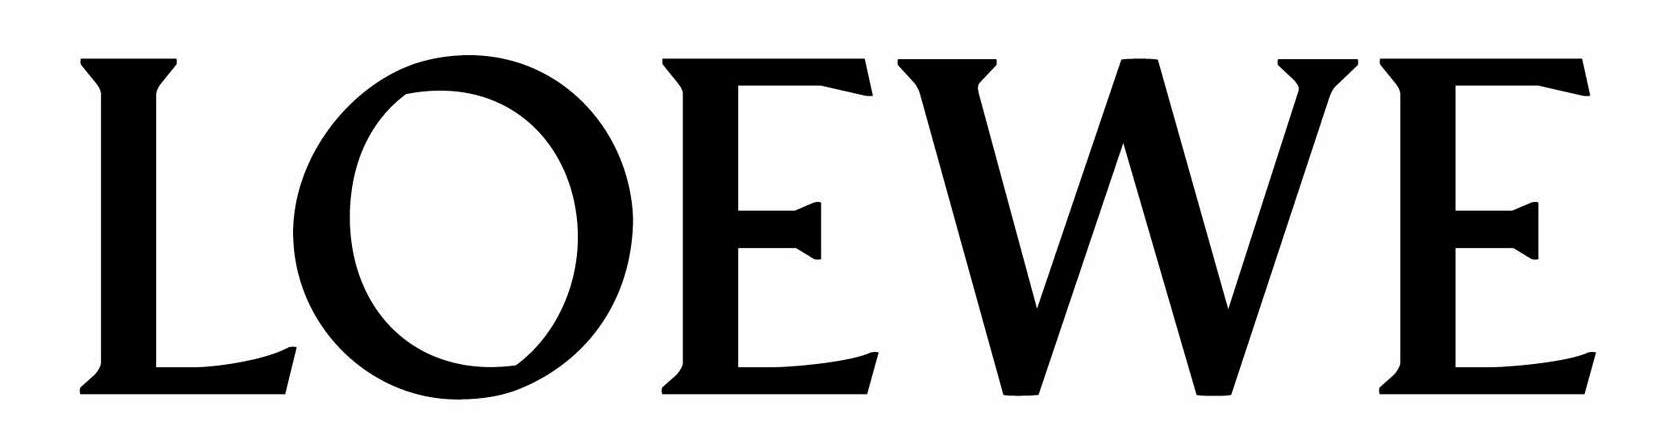 Loewe - لويفي